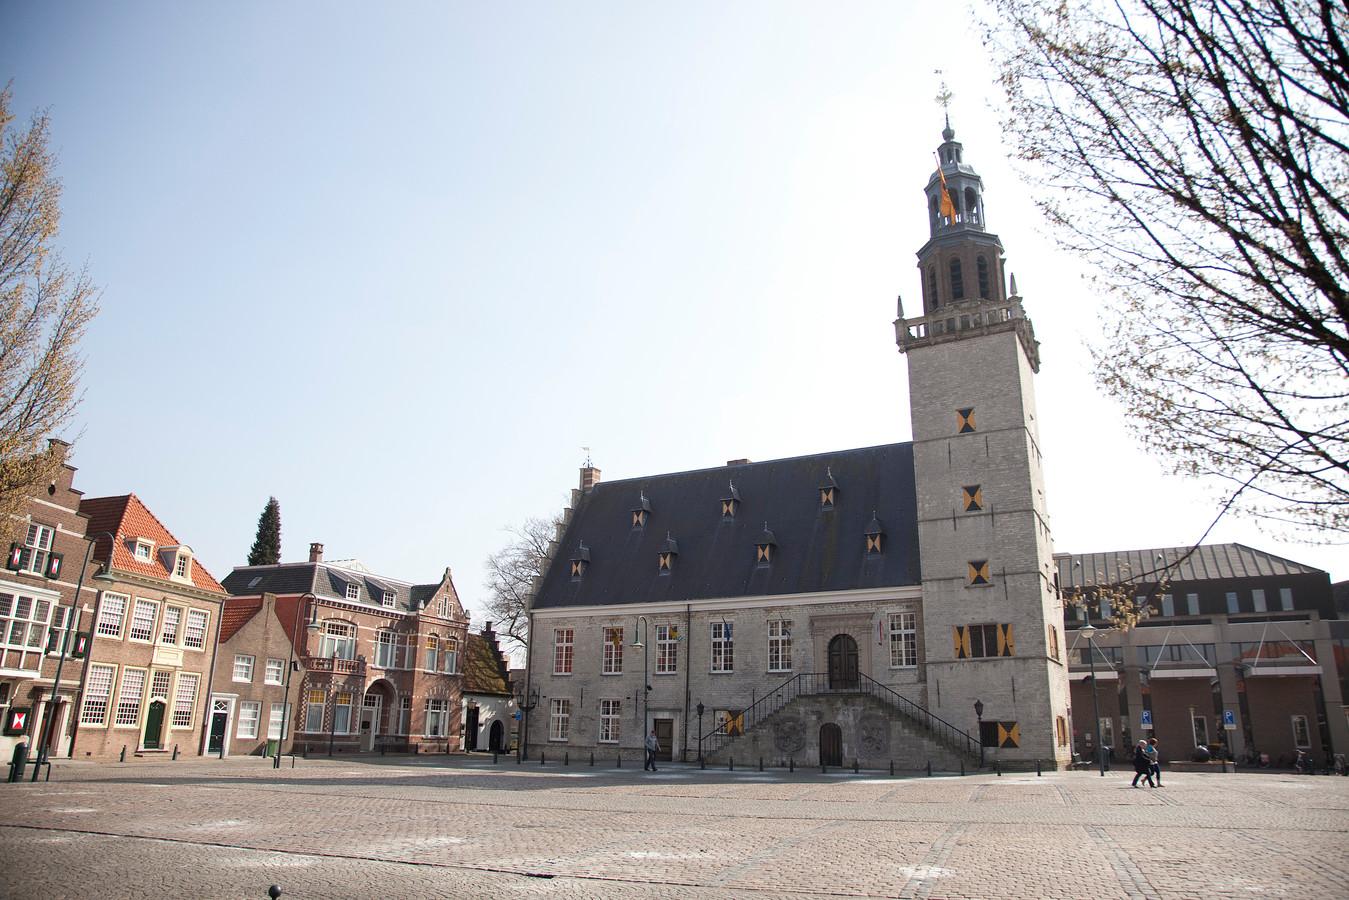 Stadhuis van Hulst met rechts het kantoordeel uit 1993 waarop zonnepanelen komen in het kader van energiebesparing.